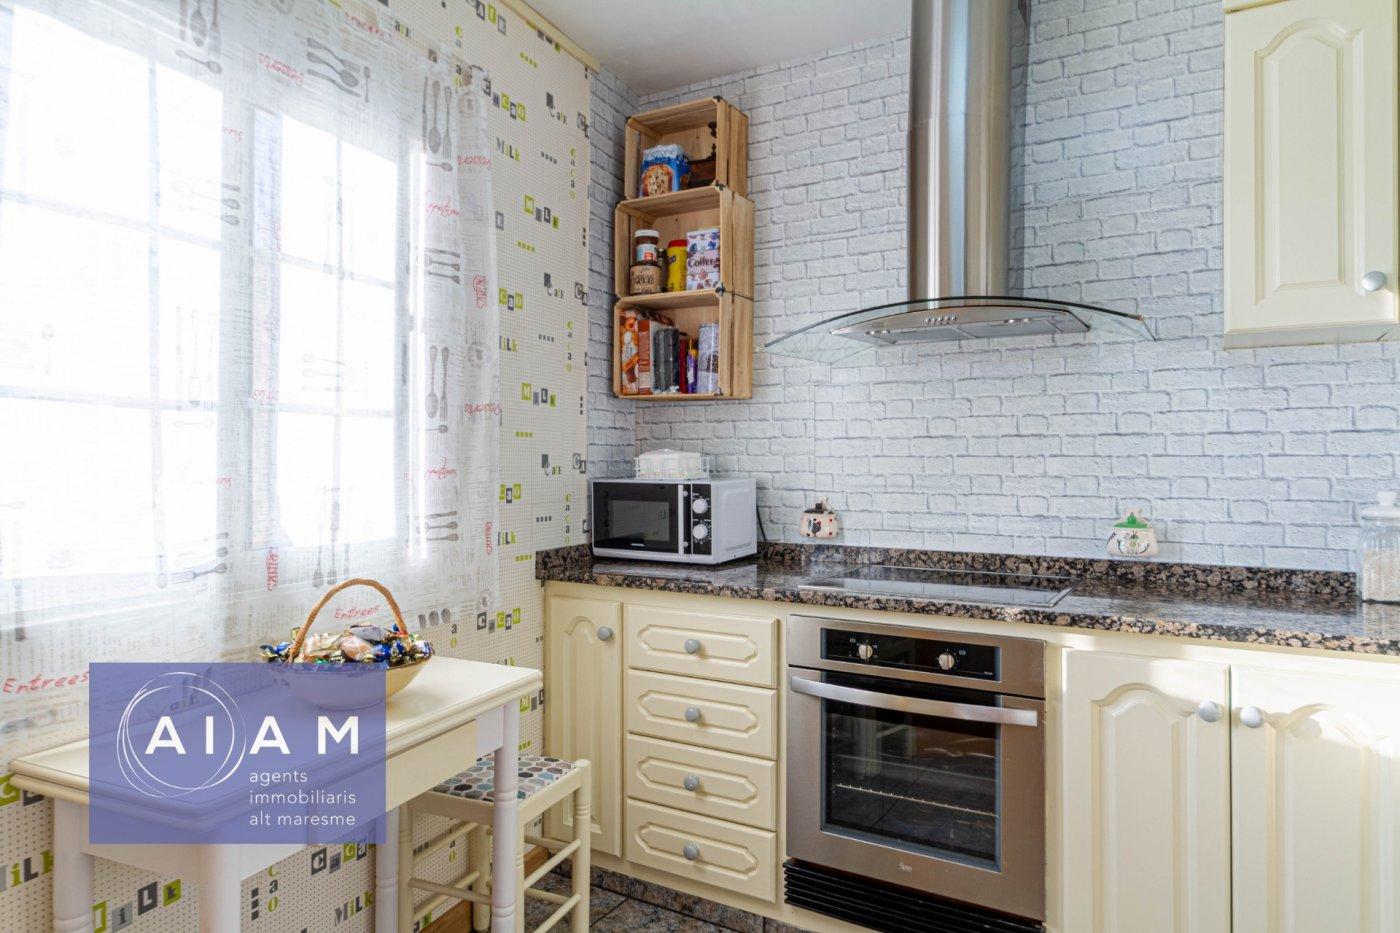 Piso de 3 habitaciones reformado y con vistas despejadas - imagenInmueble0